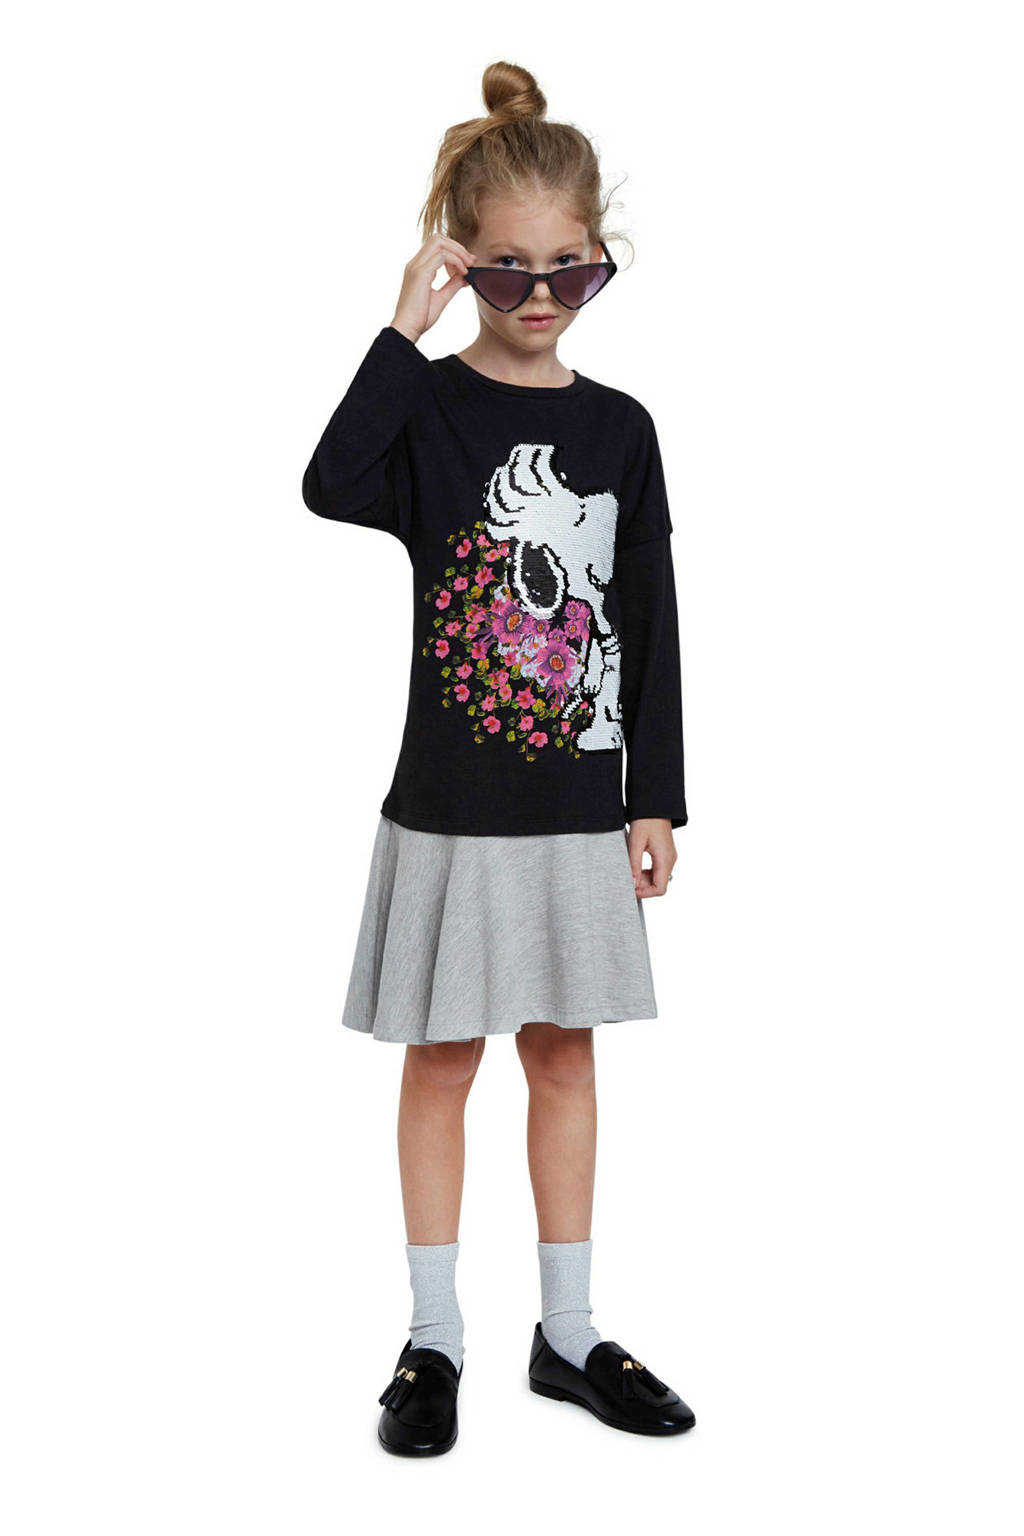 Desigual jurk met Snoopy en omkeerbare pailletten zwart/grijs, Zwart/grijs